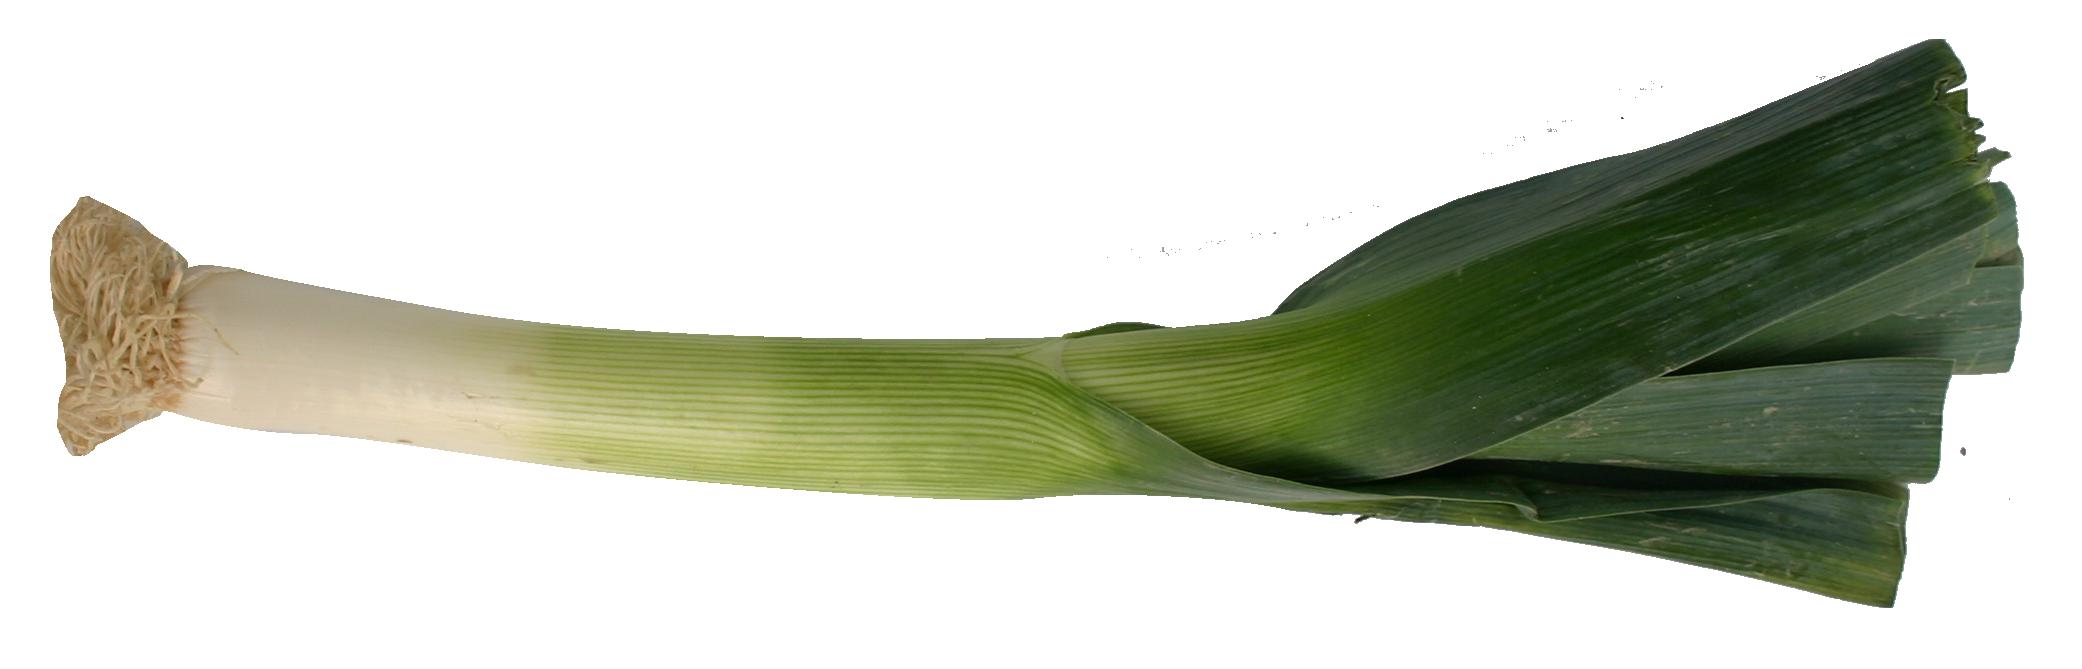 puerro - Provegano